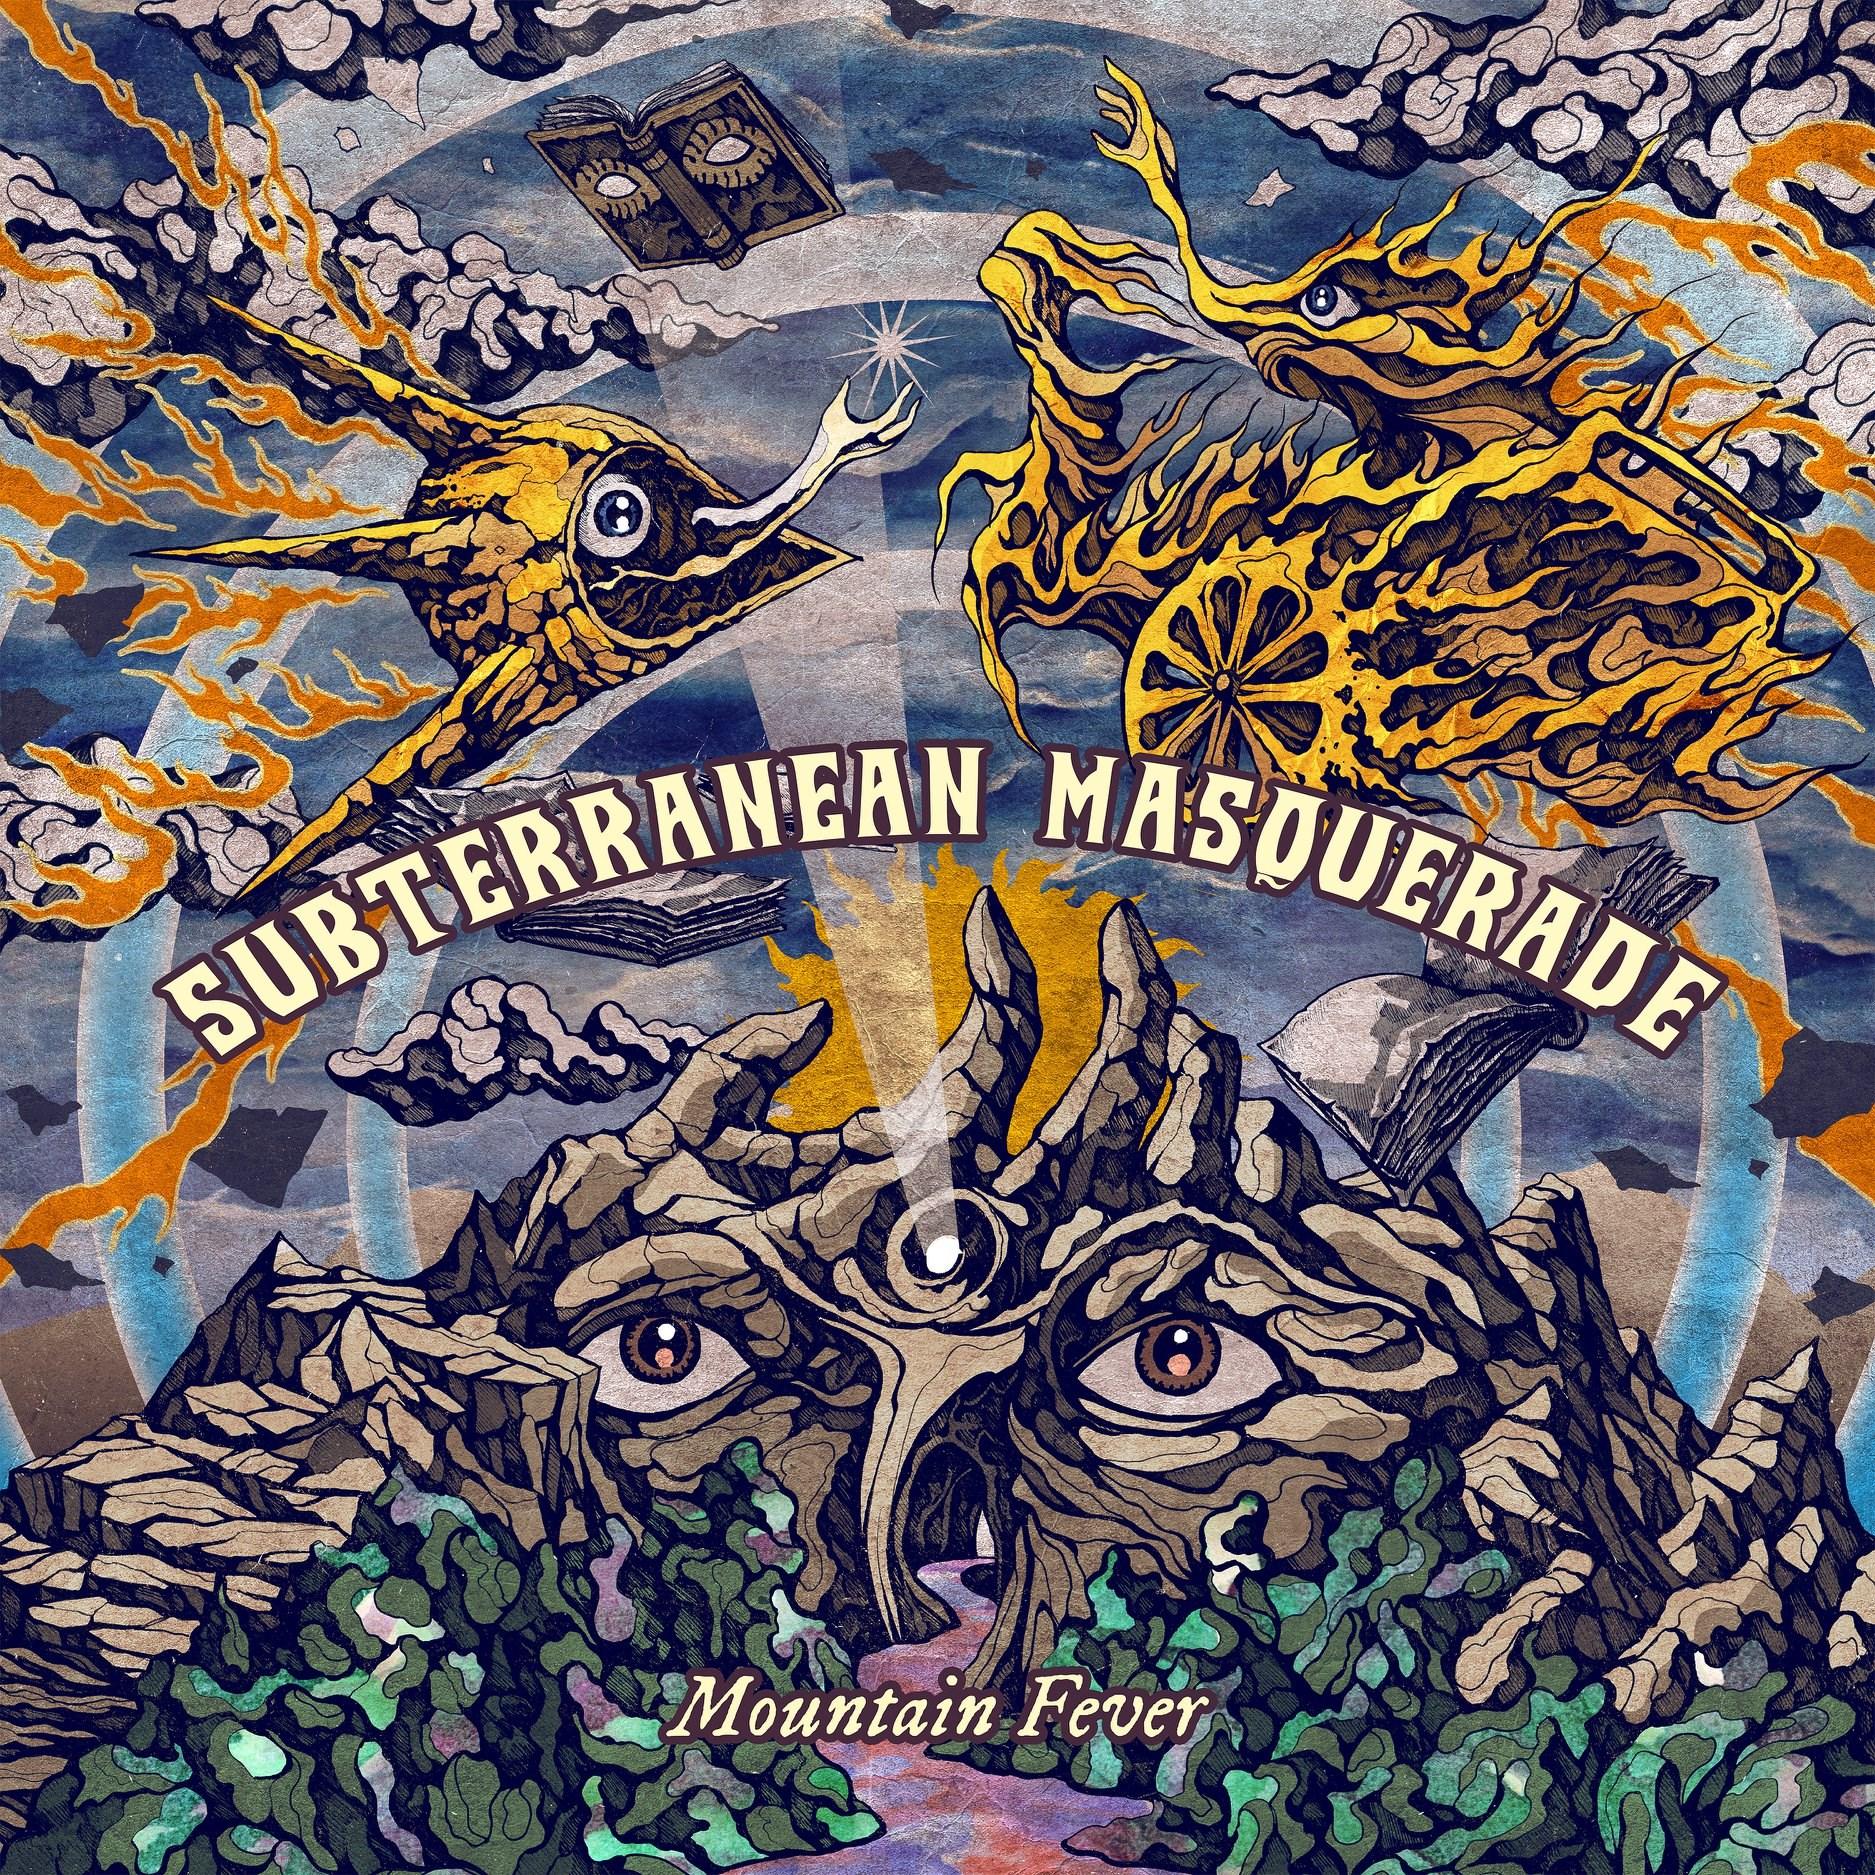 subterranean masquerade mountain fever artwork